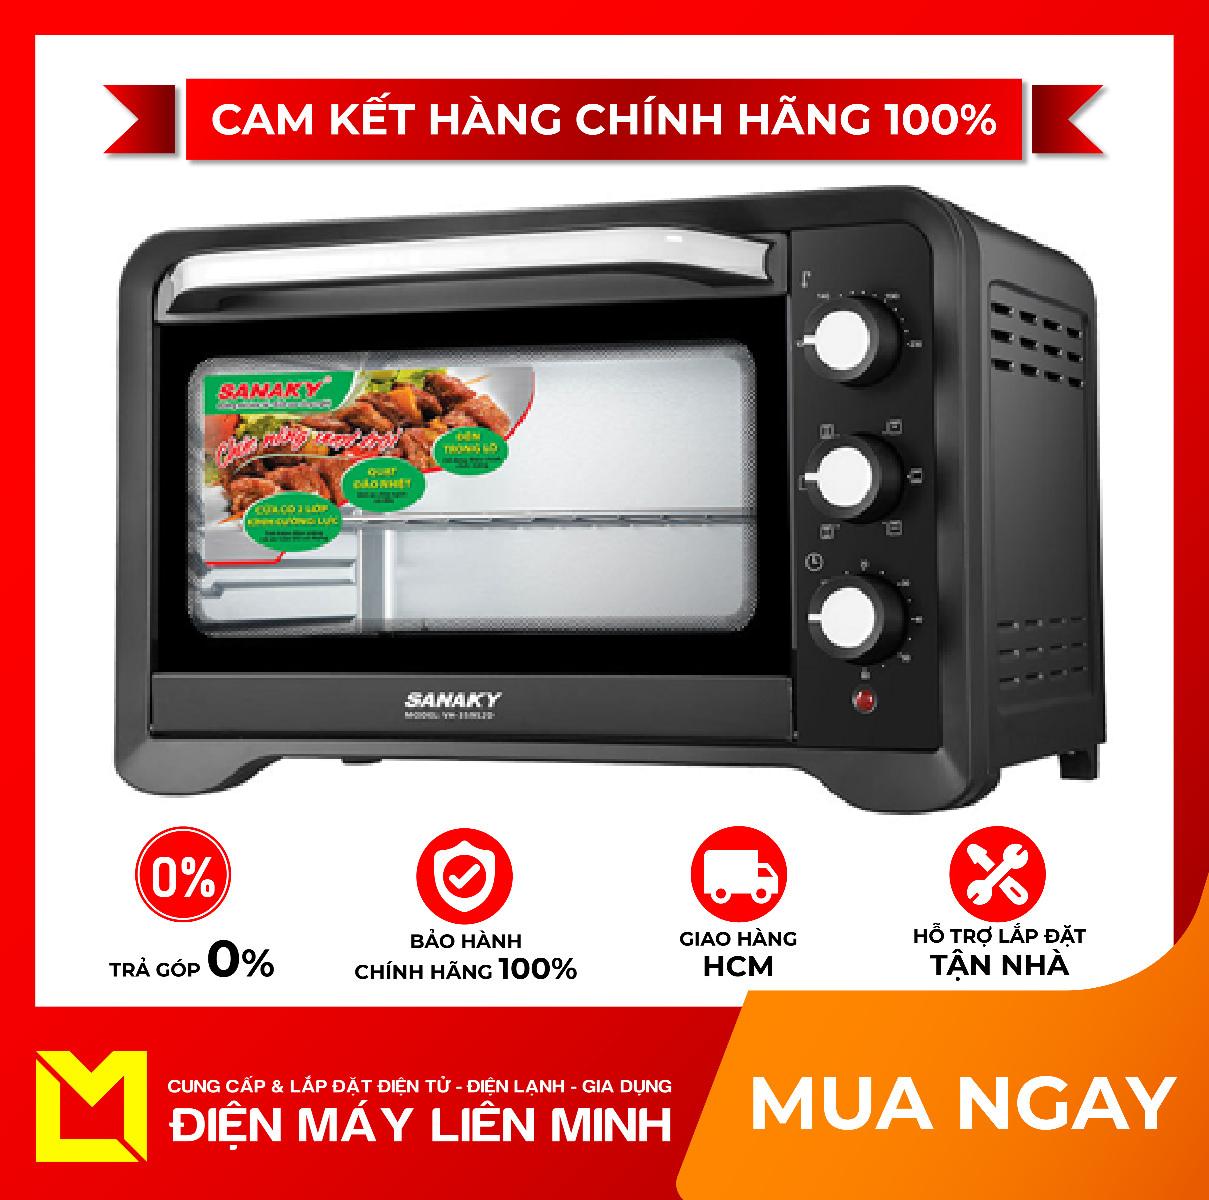 Lò nướng Sanaky VH359S2D - Có trục xiên quay thực phẩm giúp thức ăn chín nhanh hơn, Quạt đối lưu giúp nhiệt độ toả đều khắp lò, thức ăn chín đều, Cửa kính 2 lớp có khả năng chịu nhiệt tốt, an toàn khi dùng